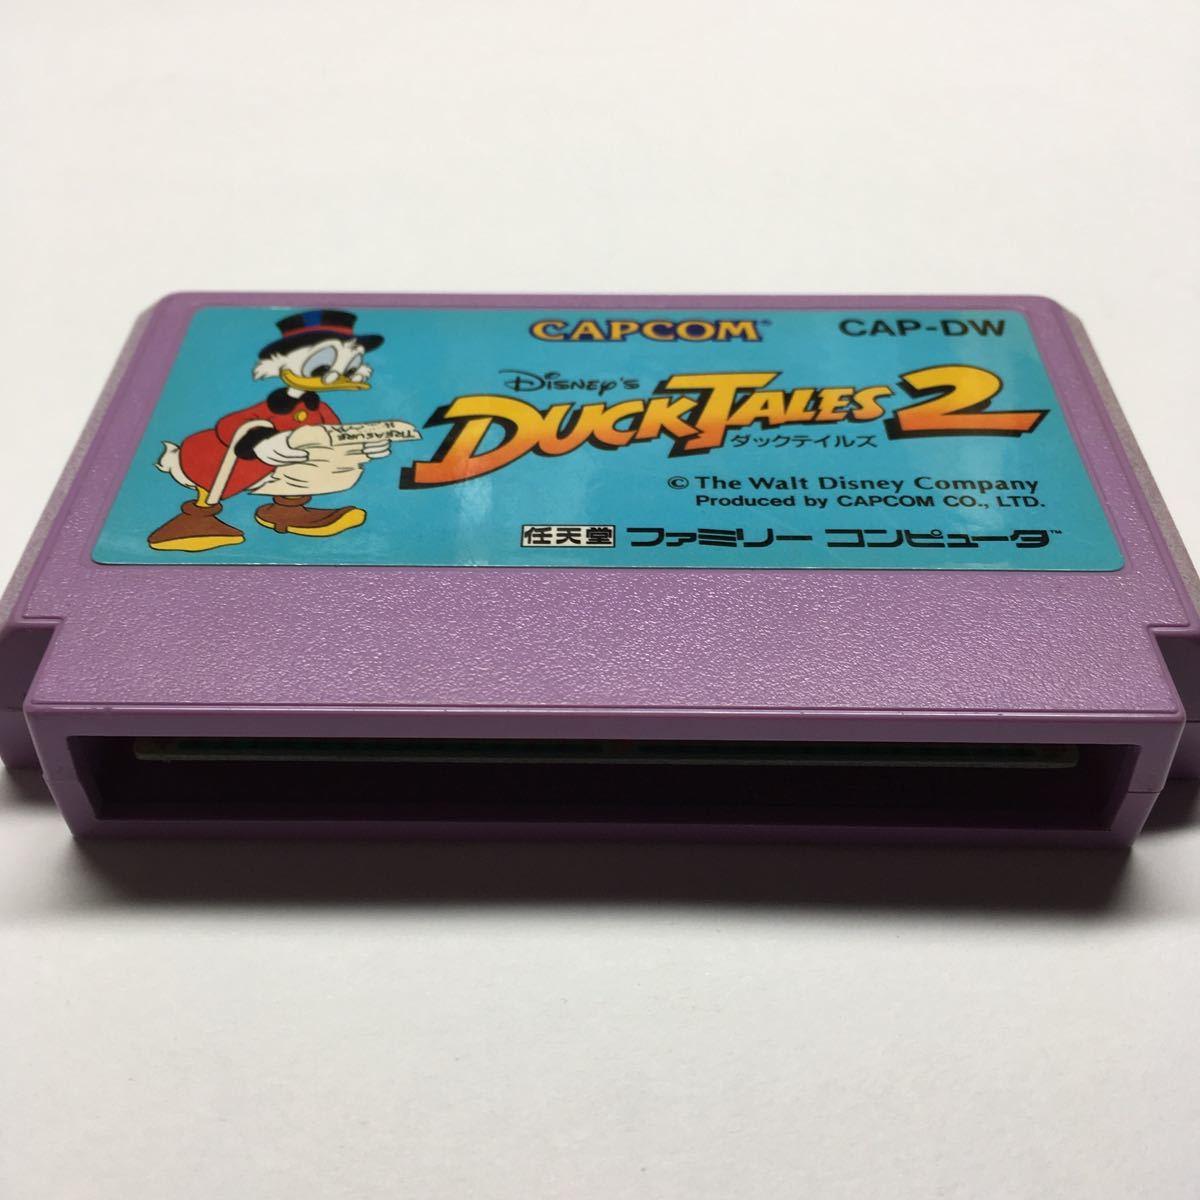 ファミコン ソフト ダックテイルズ2  動作確認済み カセット 任天堂 カプコン ディズニー ゲーム レトロ